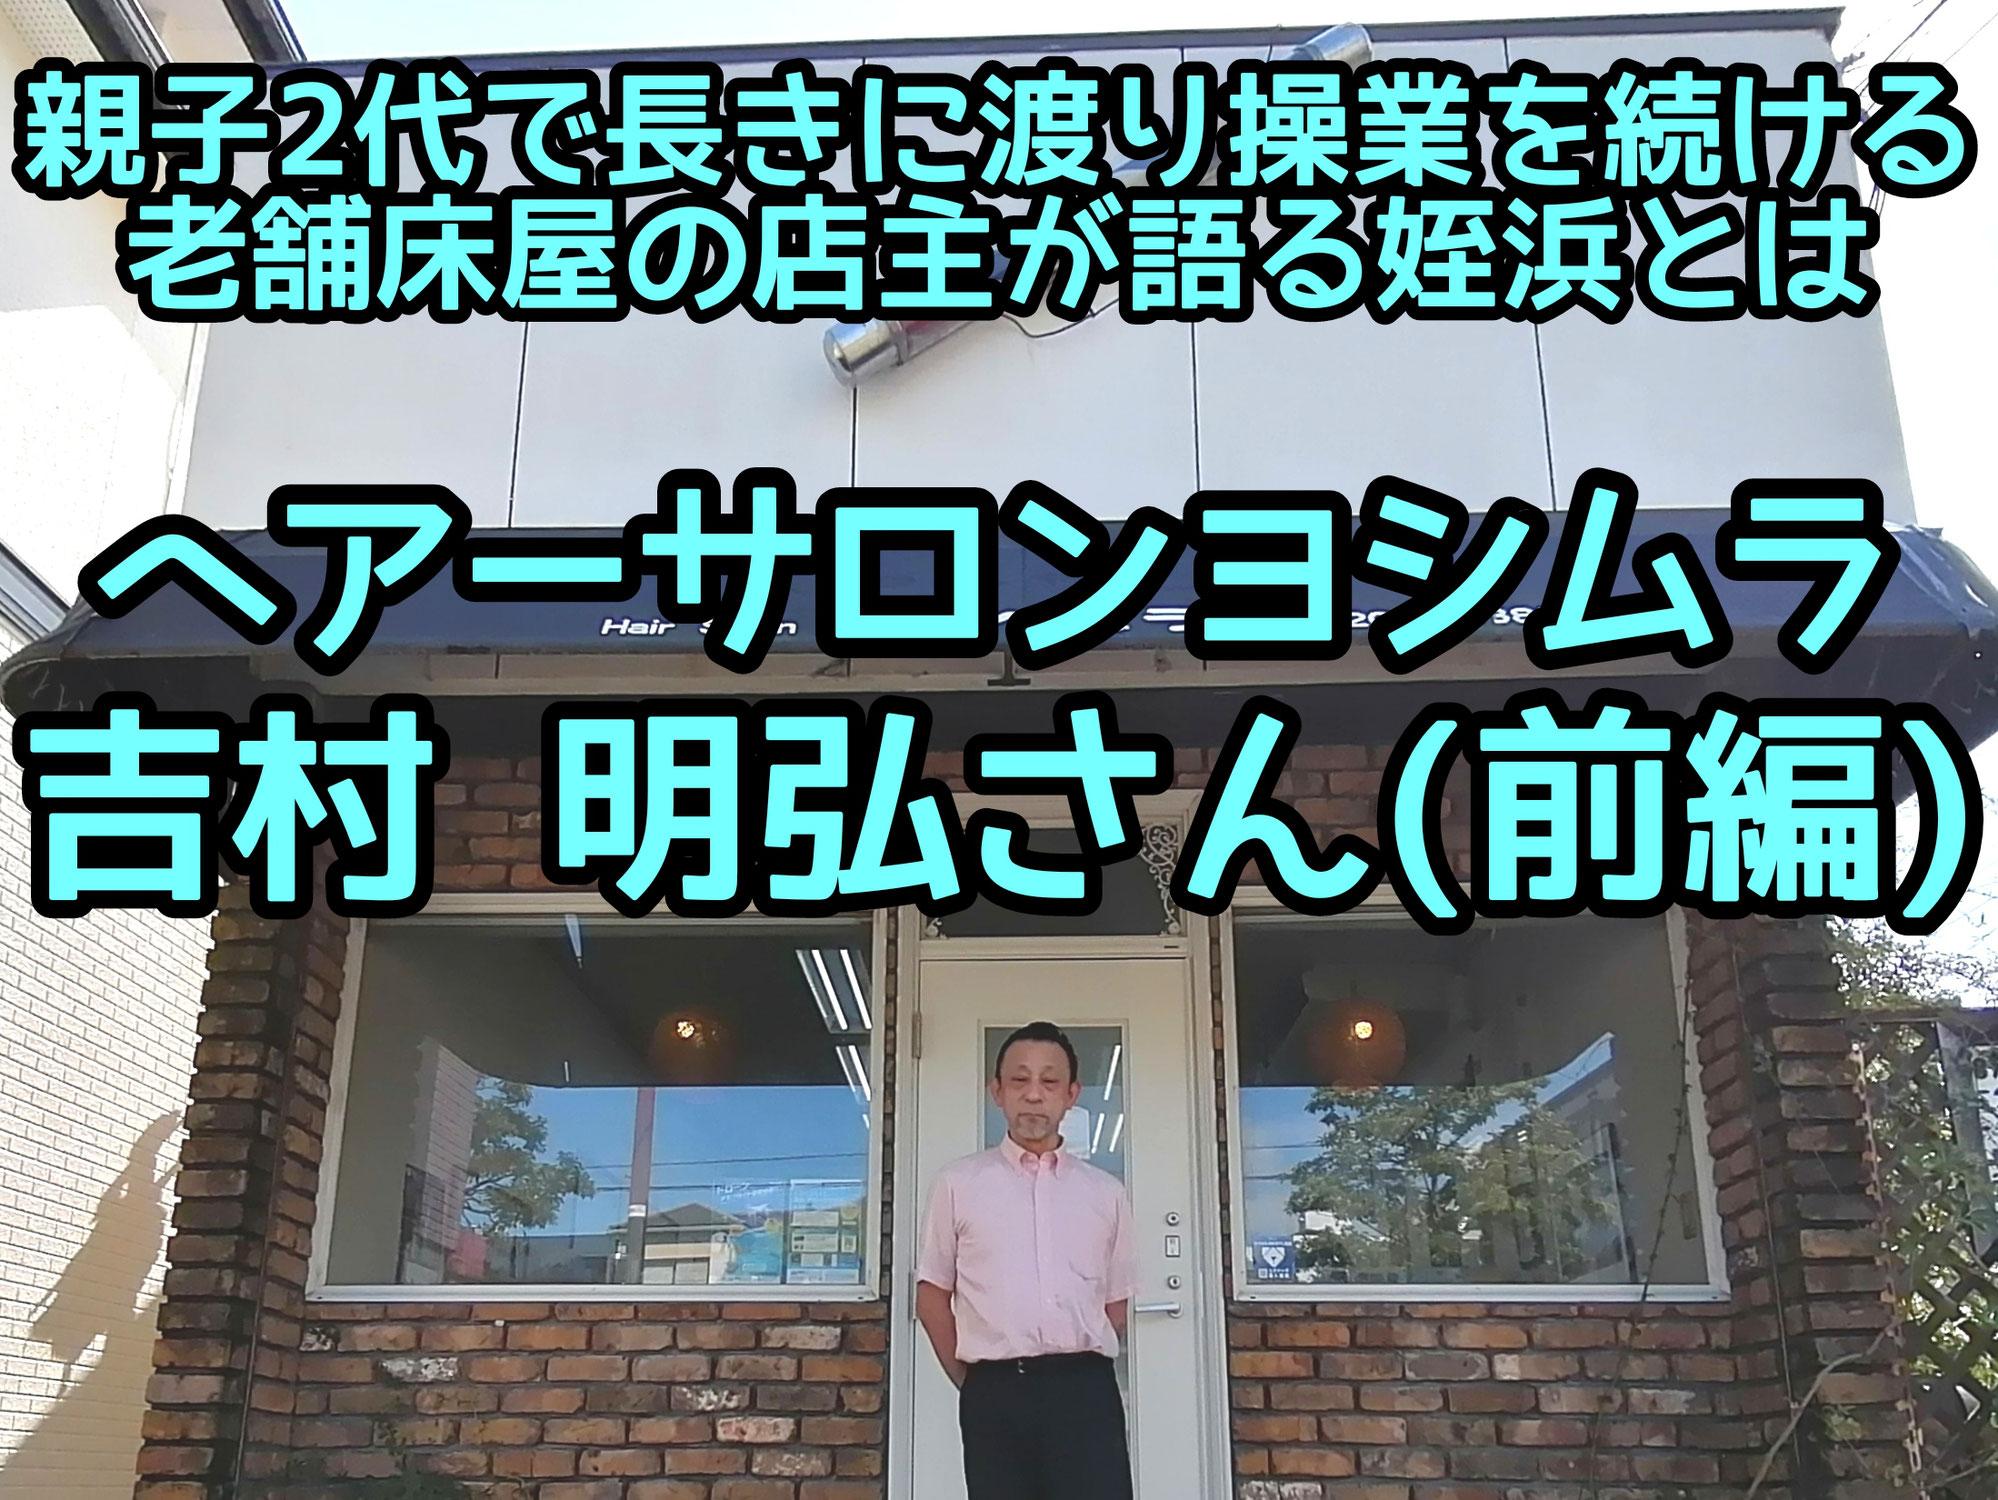 ヘアーサロンヨシムラ 吉村明弘さん┃親子2代で長きに渡り操業を続ける老舗床屋の店主が語る姪浜とは